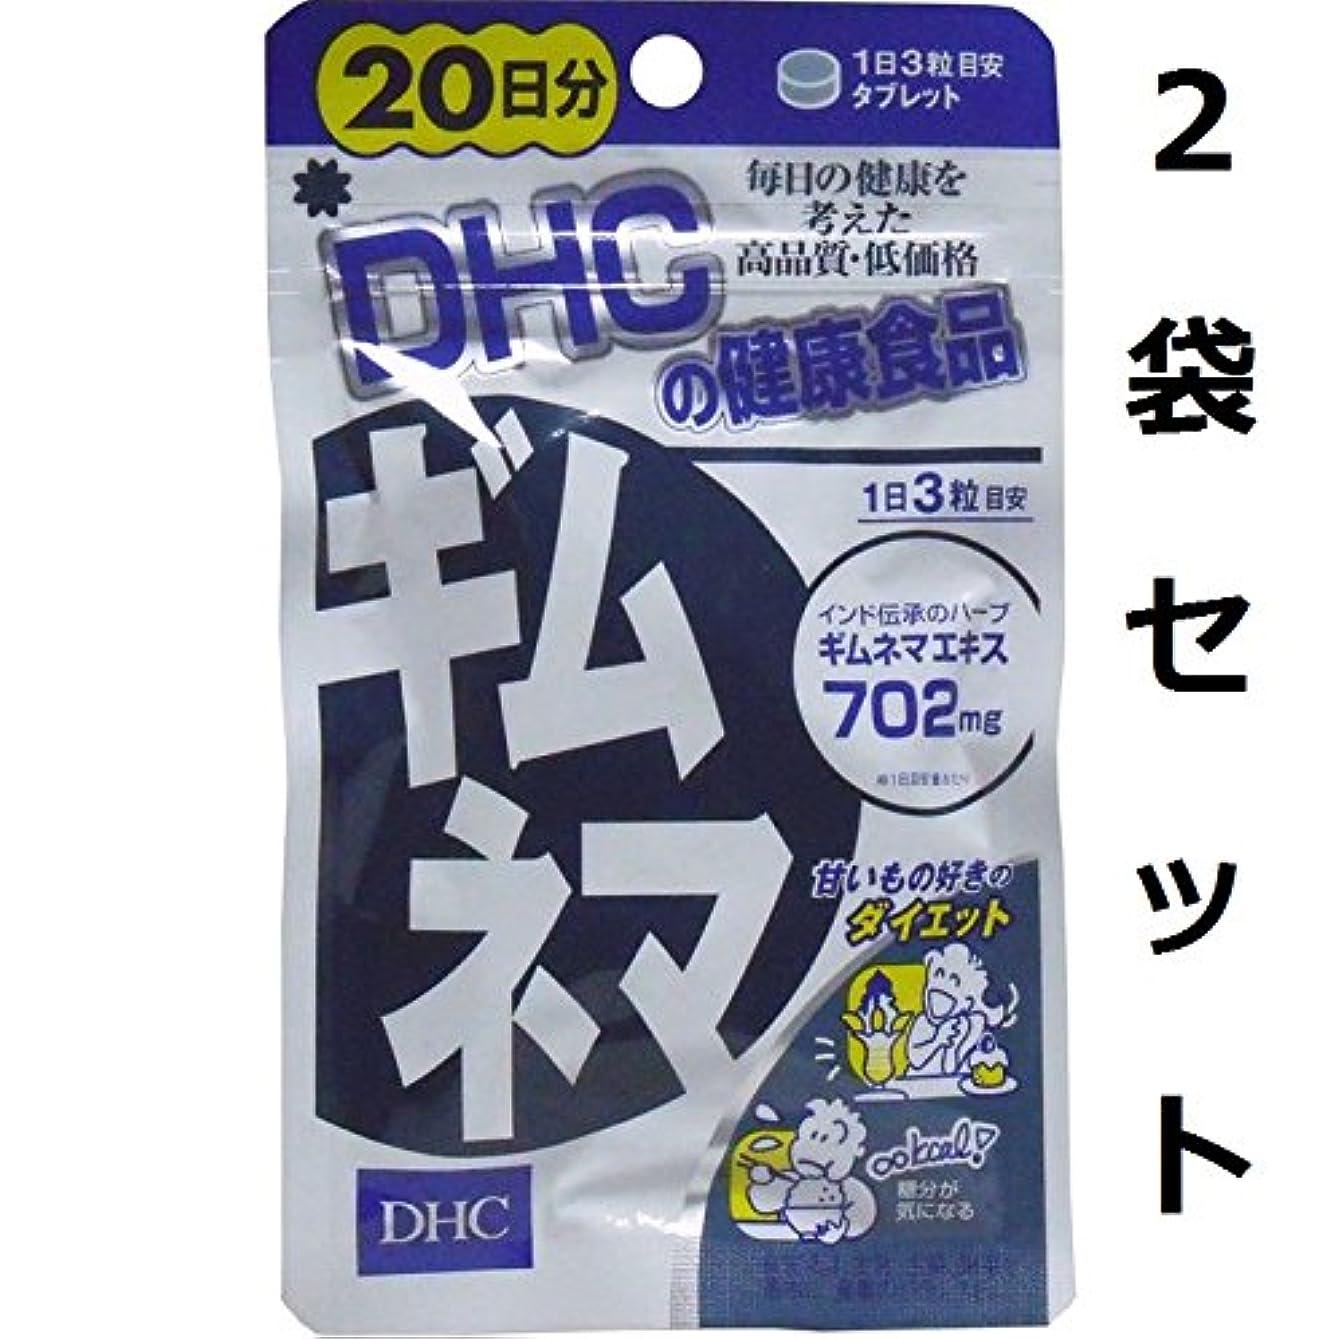 芸術的口ひげバンカー大好きな「甘いもの」をムダ肉にしない DHC ギムネマ 20日分 60粒 2袋セット